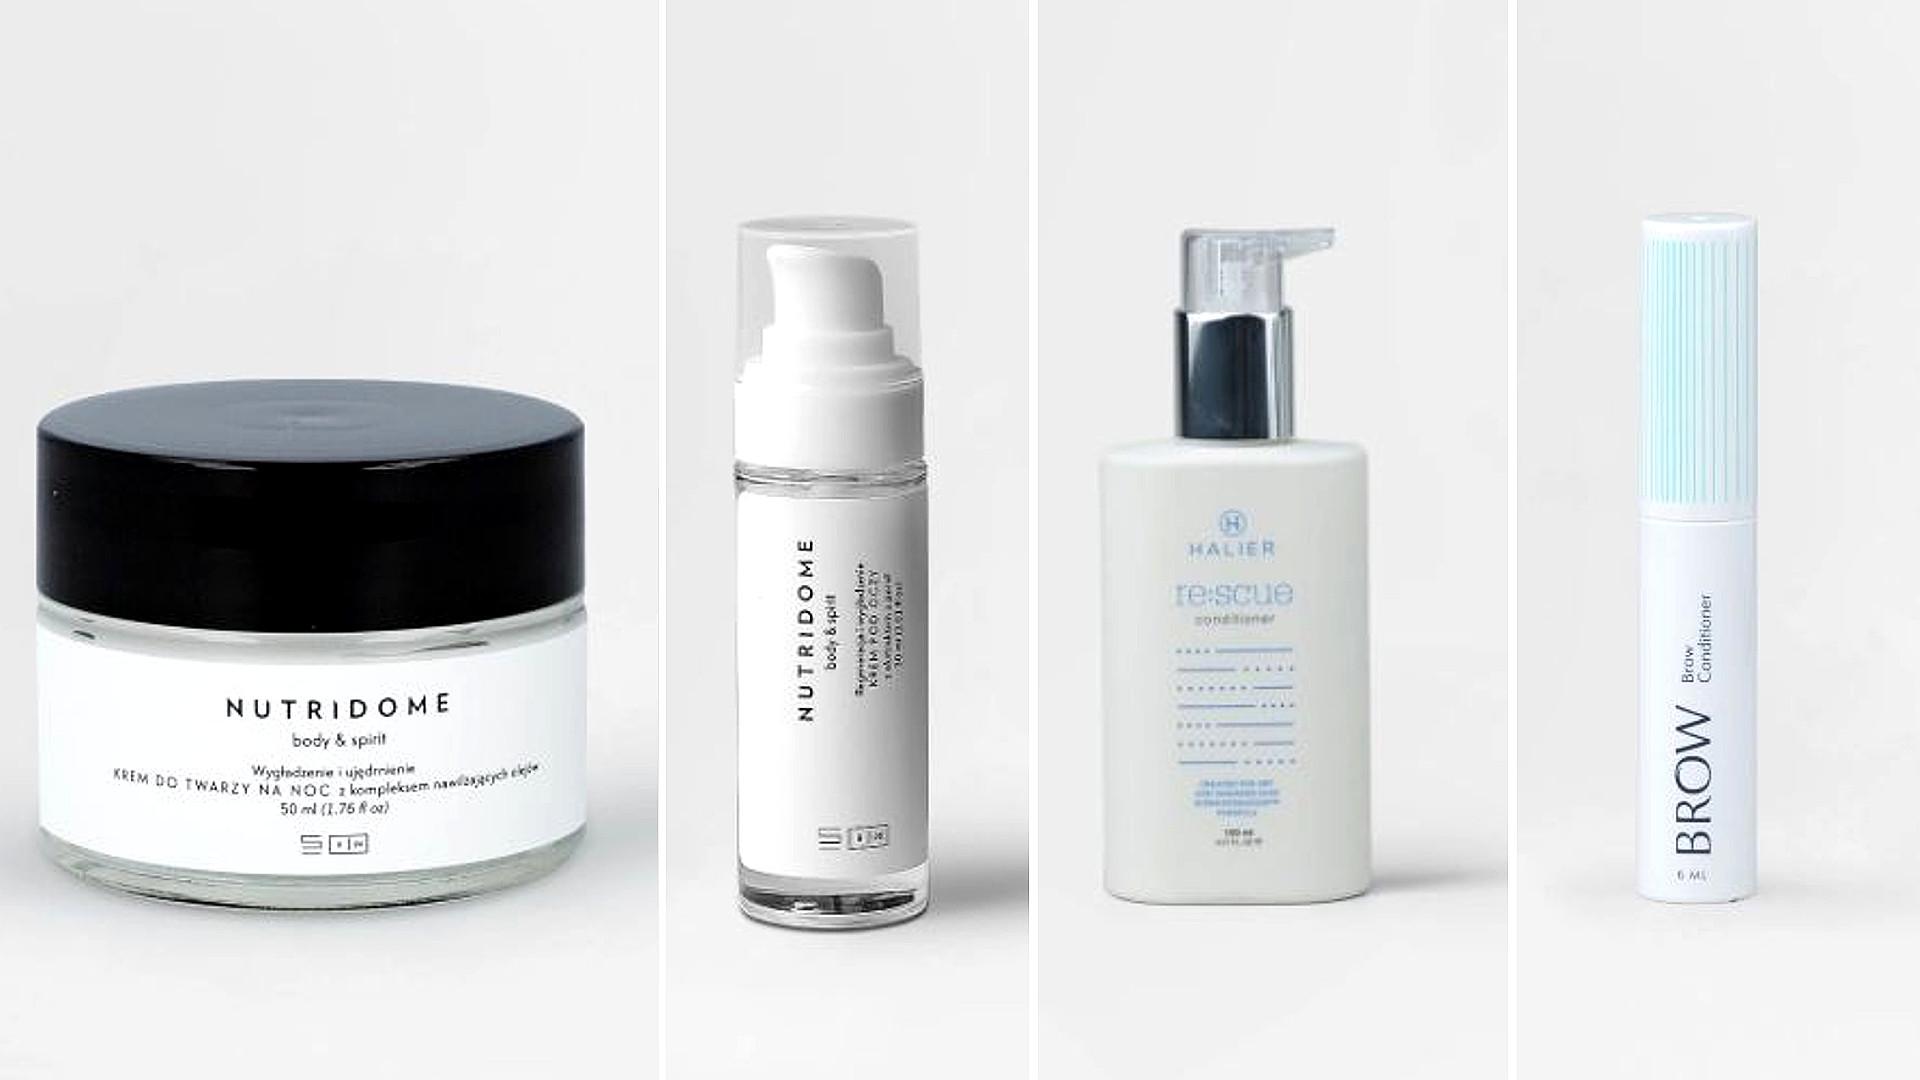 10 kosmetyków do pielęgnacji twarzy i włosów o świetnych opiniach w SUPER obniżonych cenach